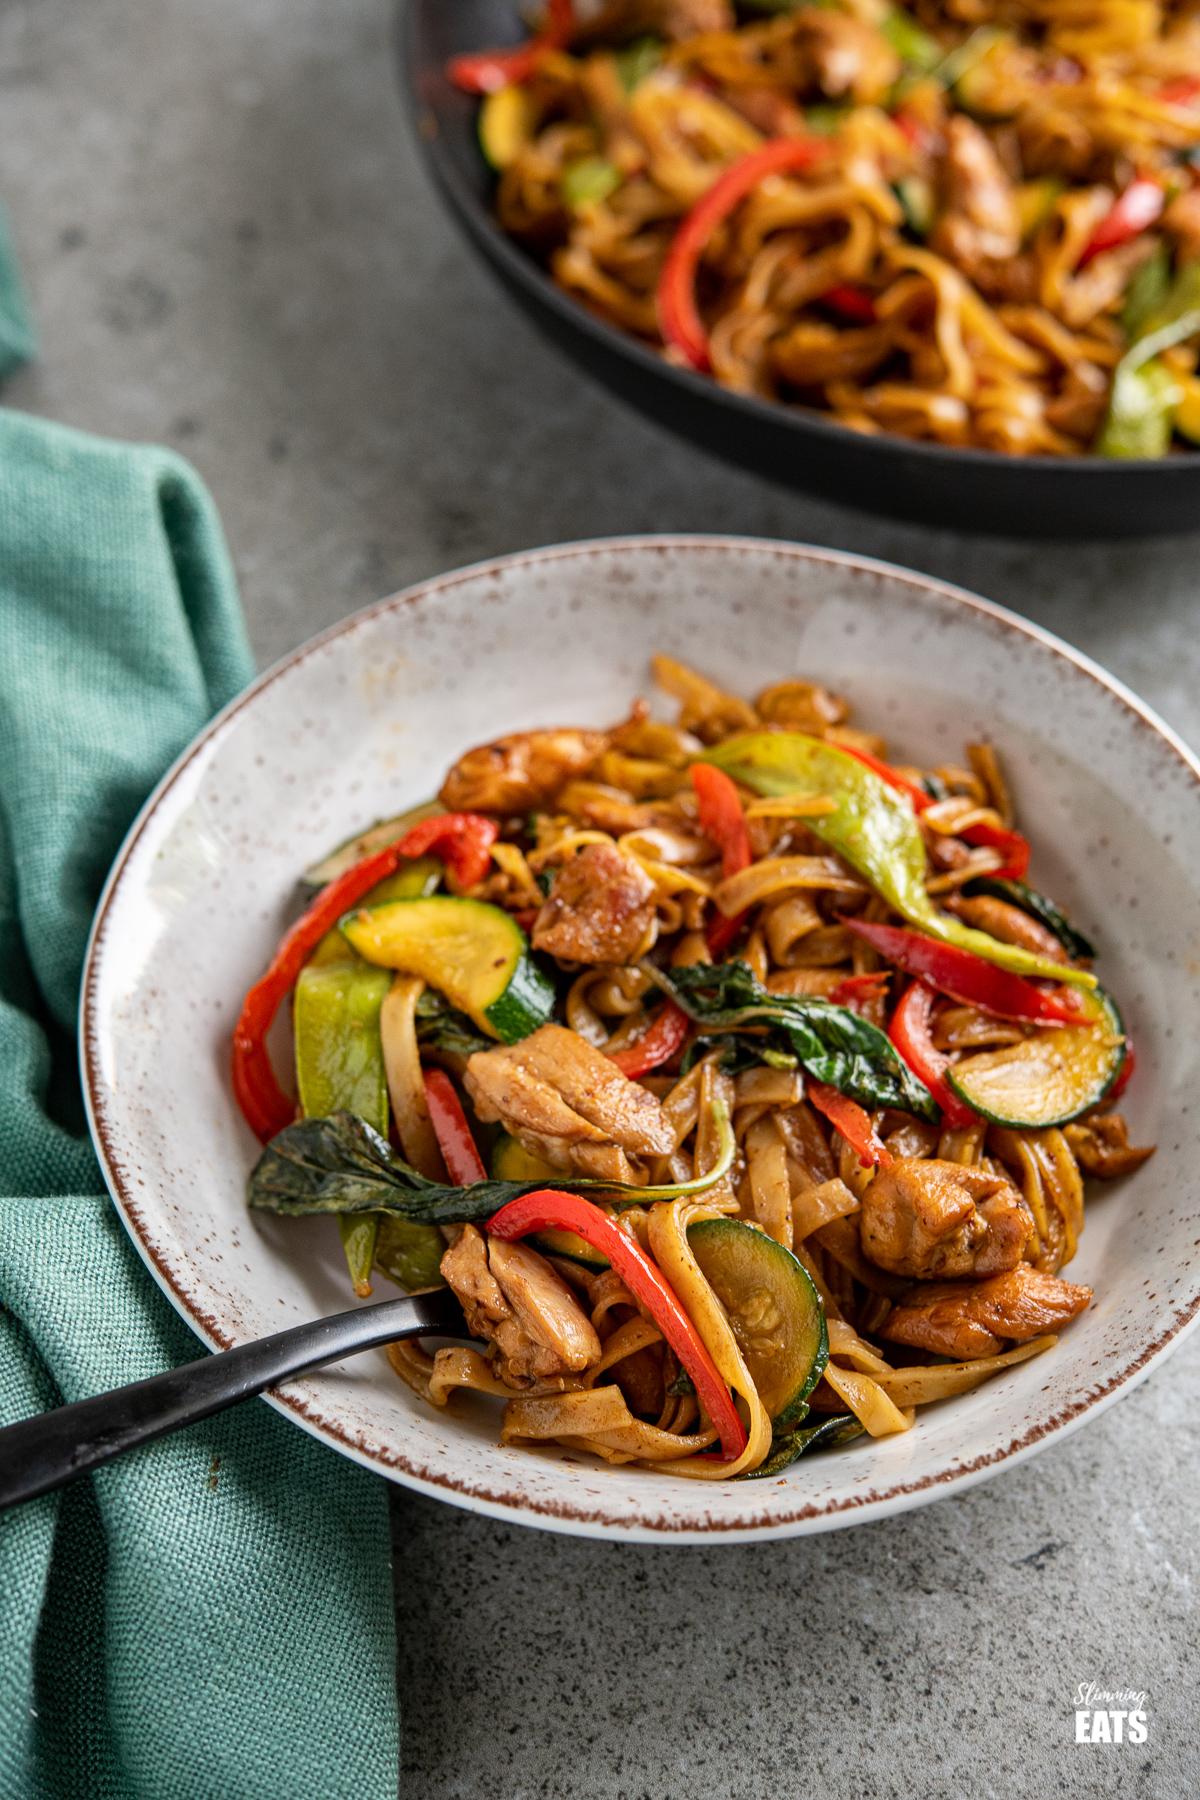 醉酒的面条 - 鸡肉,蔬菜和米粉在灰色,棕色和白色的碗中的辣味酱油